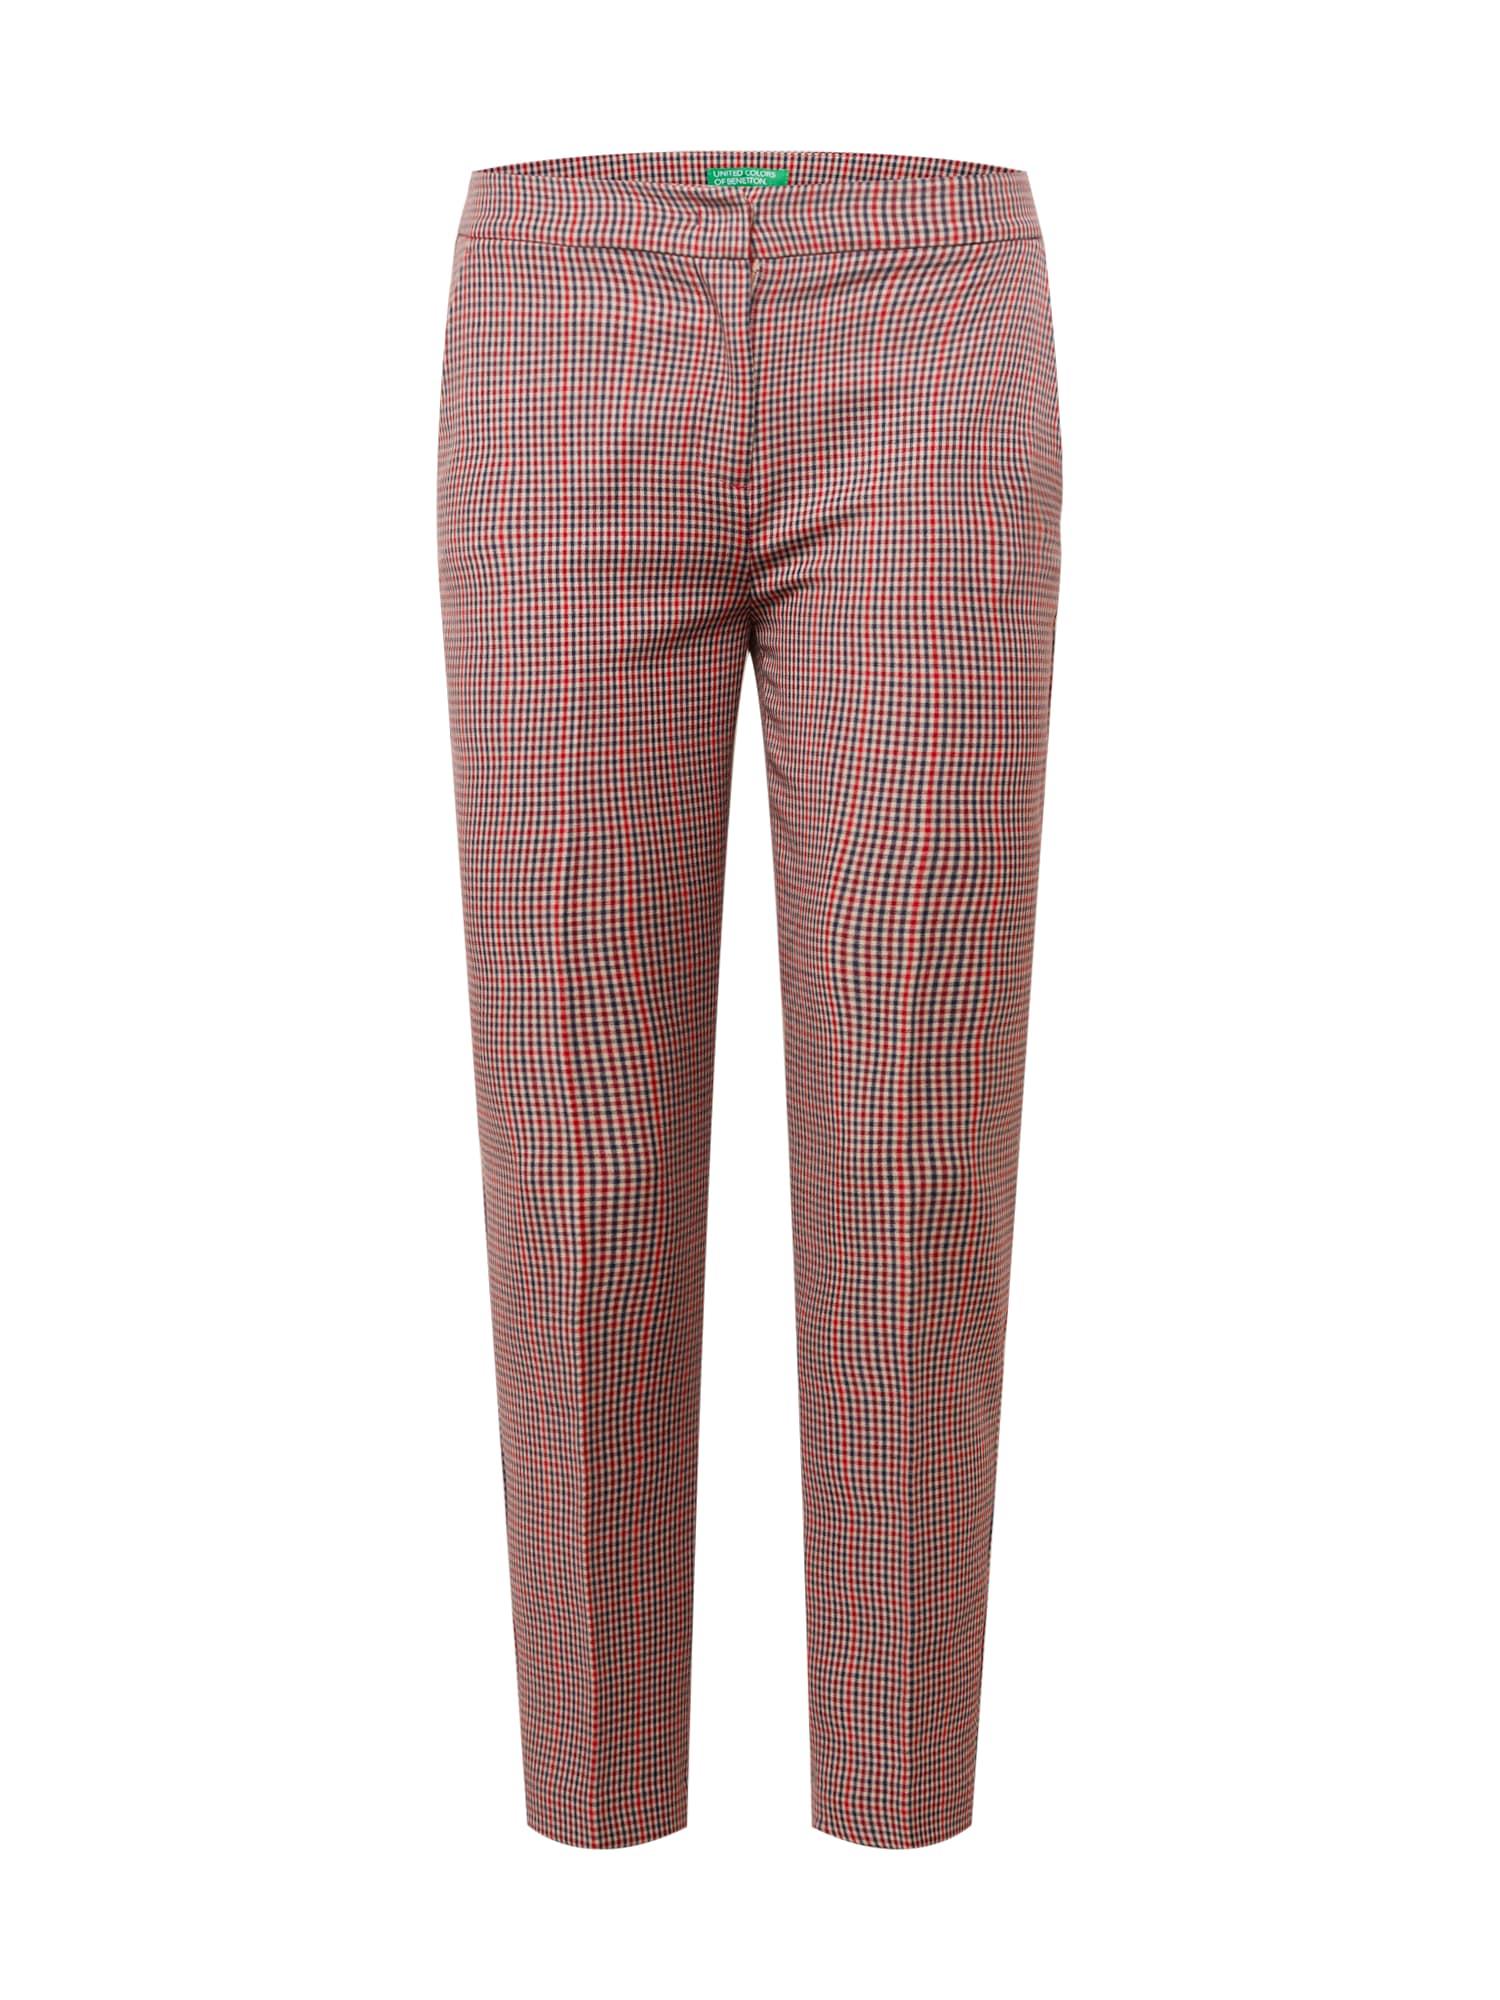 UNITED COLORS OF BENETTON Kalhoty s puky  červená / bílá / tmavě modrá